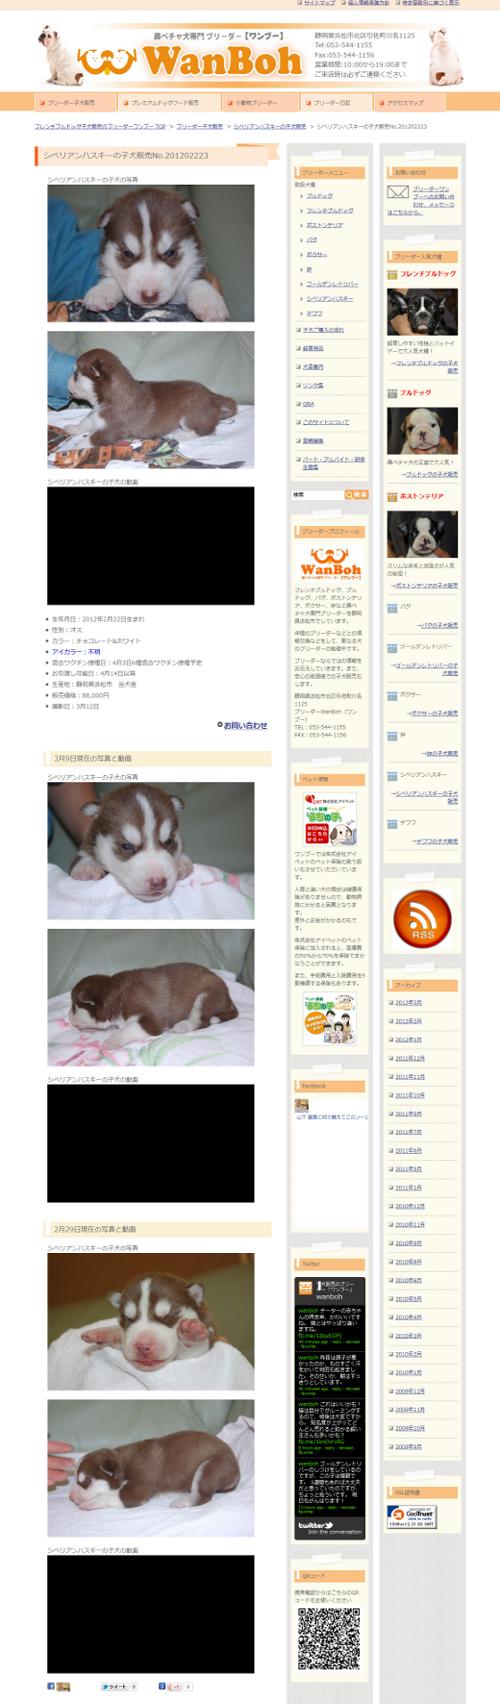 シベリアンハスキーの子犬販売no.201202223